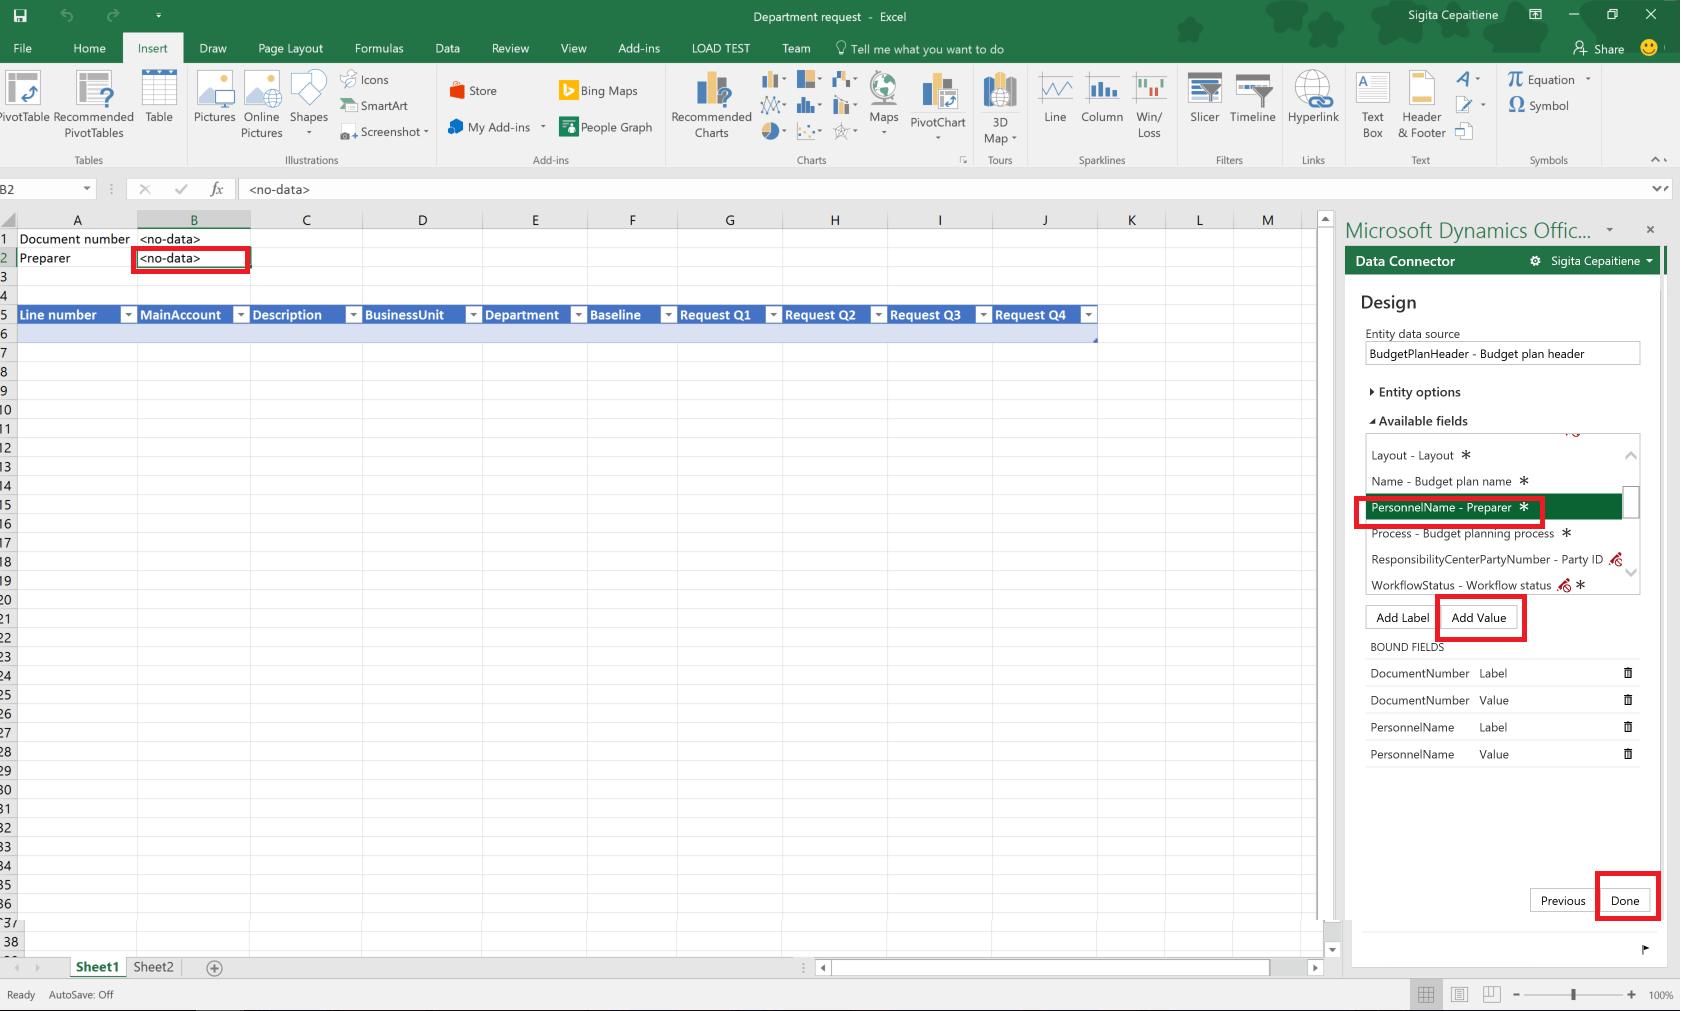 Modelli Di Pianificazione Del Budget Per Excel